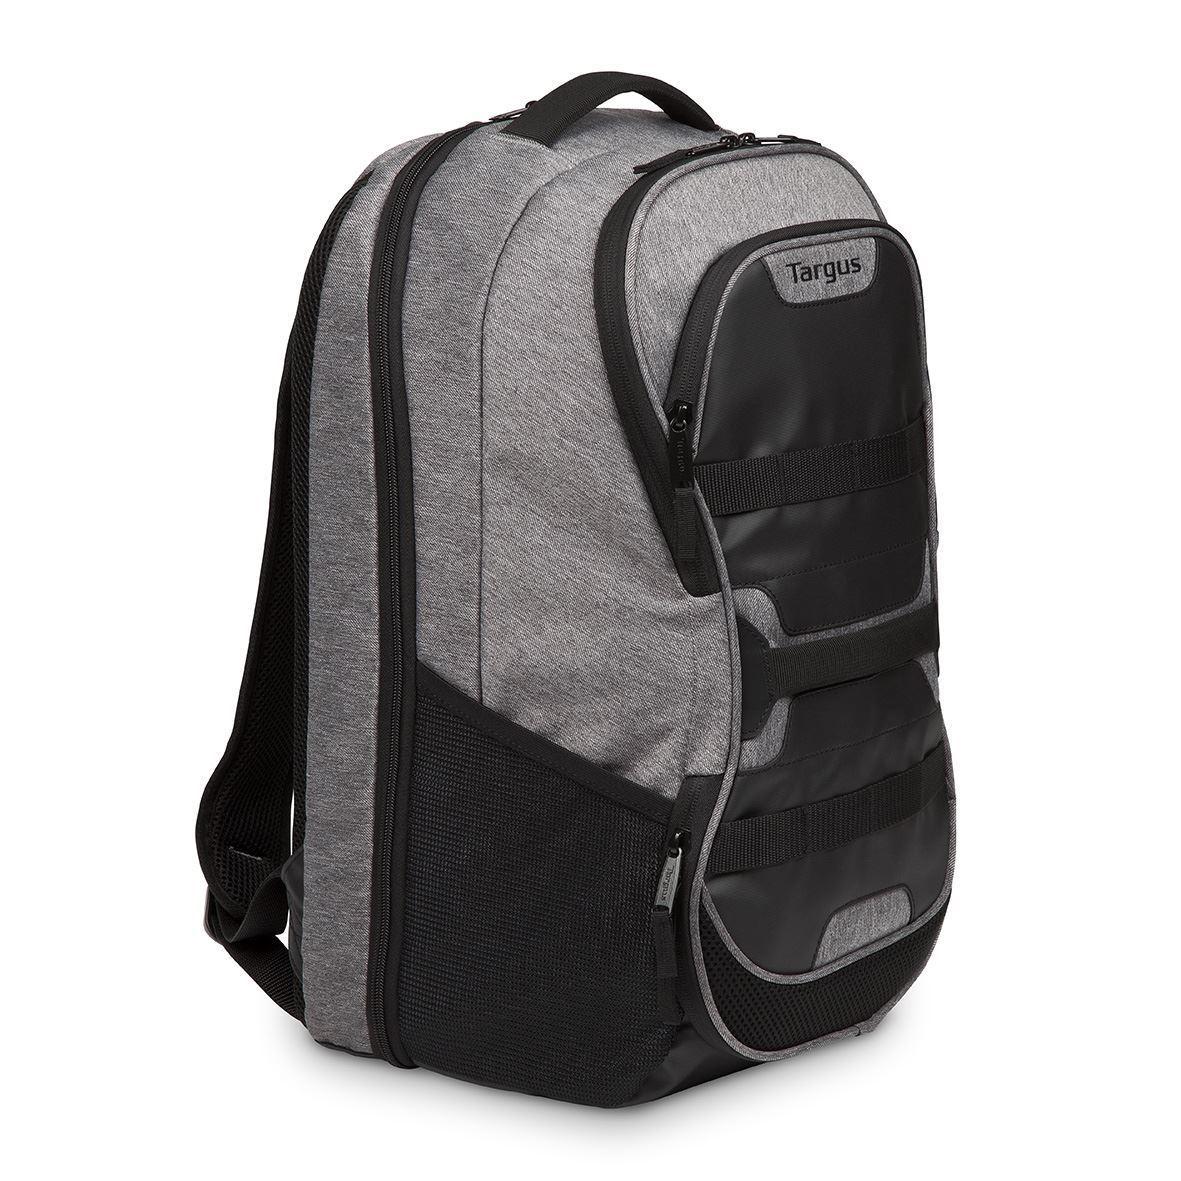 sac dos targus pour multisports pour ordinateur portable 15 6 gris. Black Bedroom Furniture Sets. Home Design Ideas